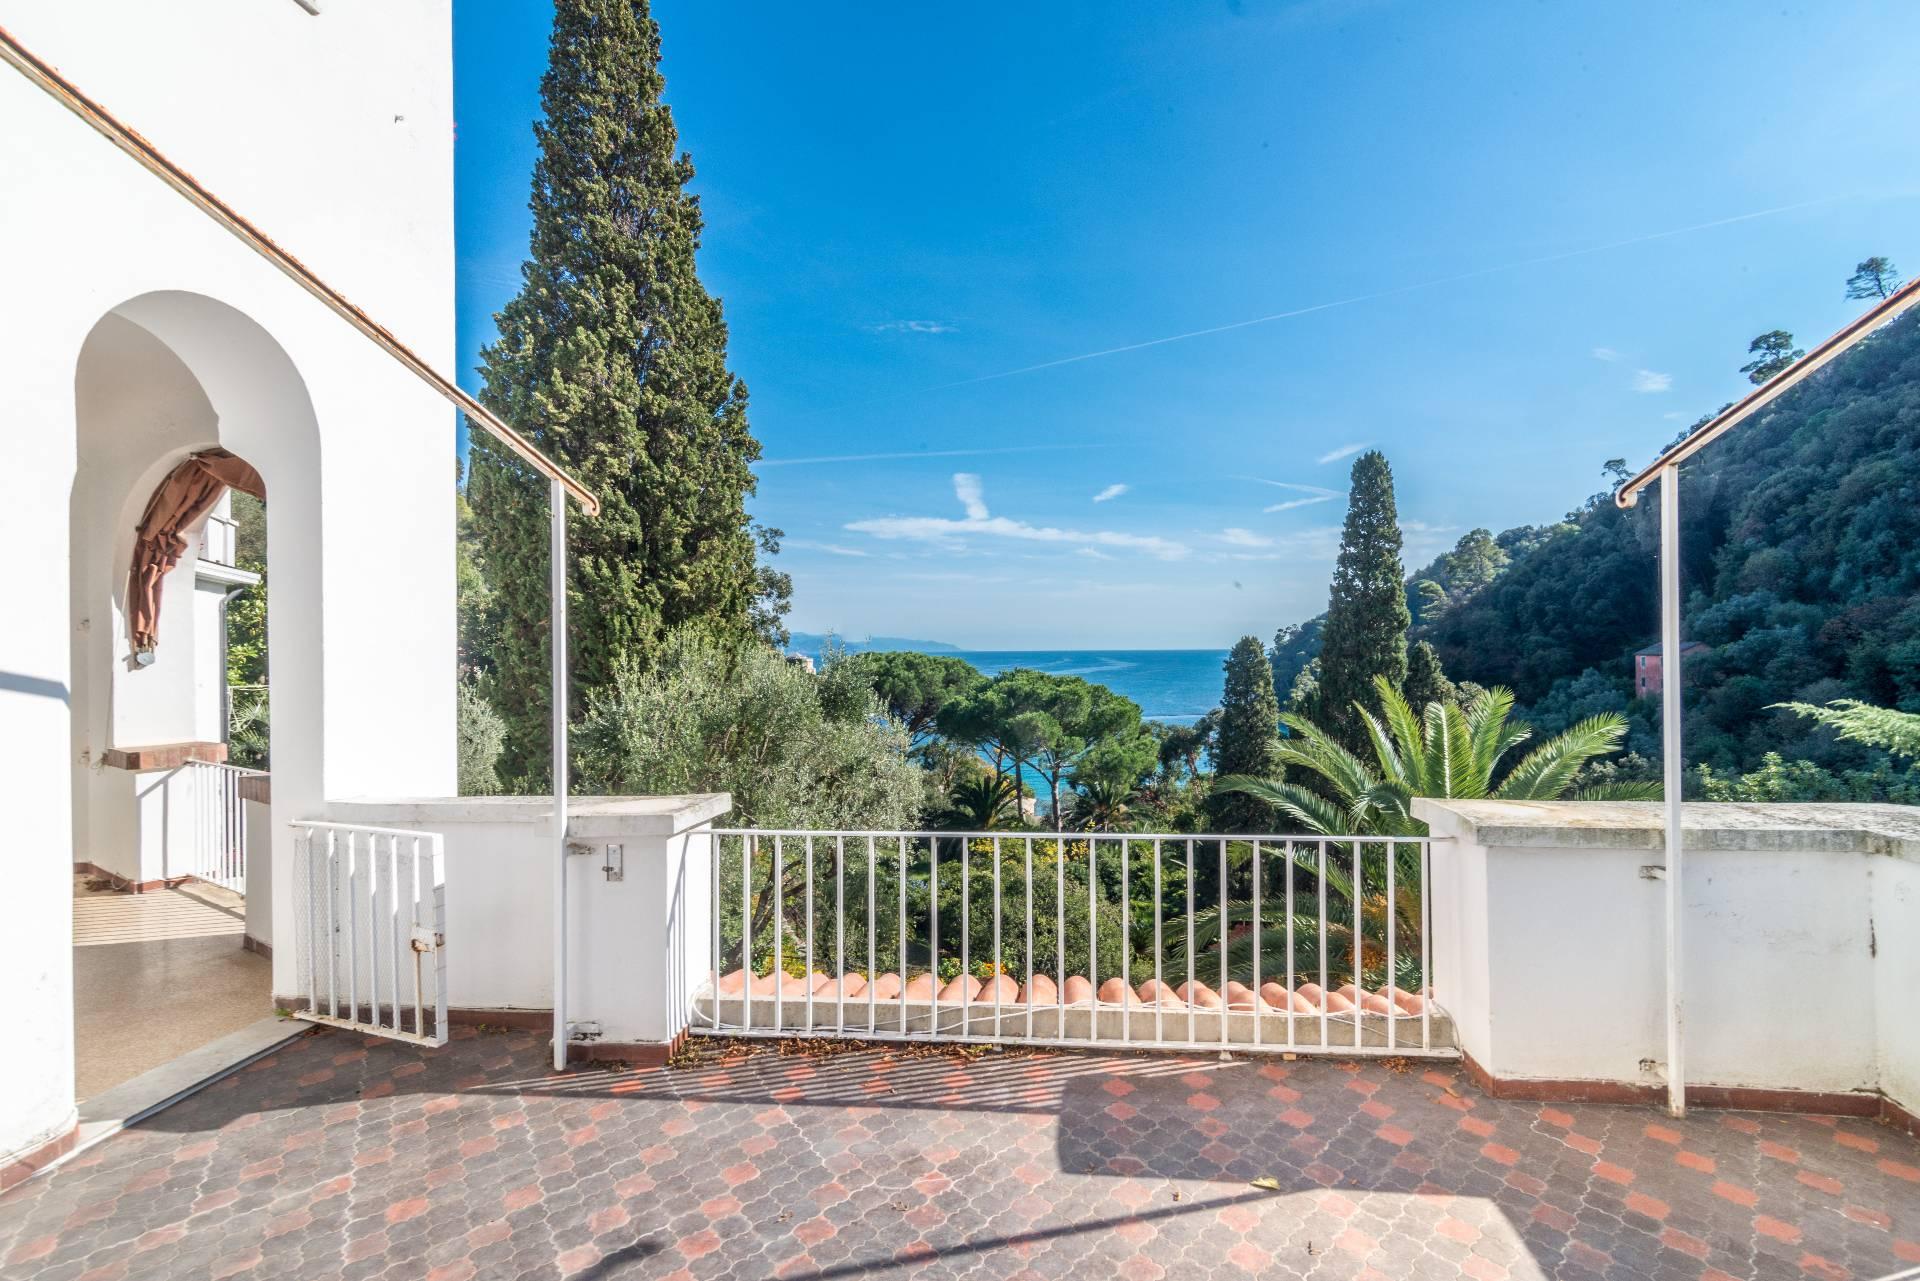 Appartamento in Vendita a Santa Margherita Ligure: 5 locali, 230 mq - Foto 1